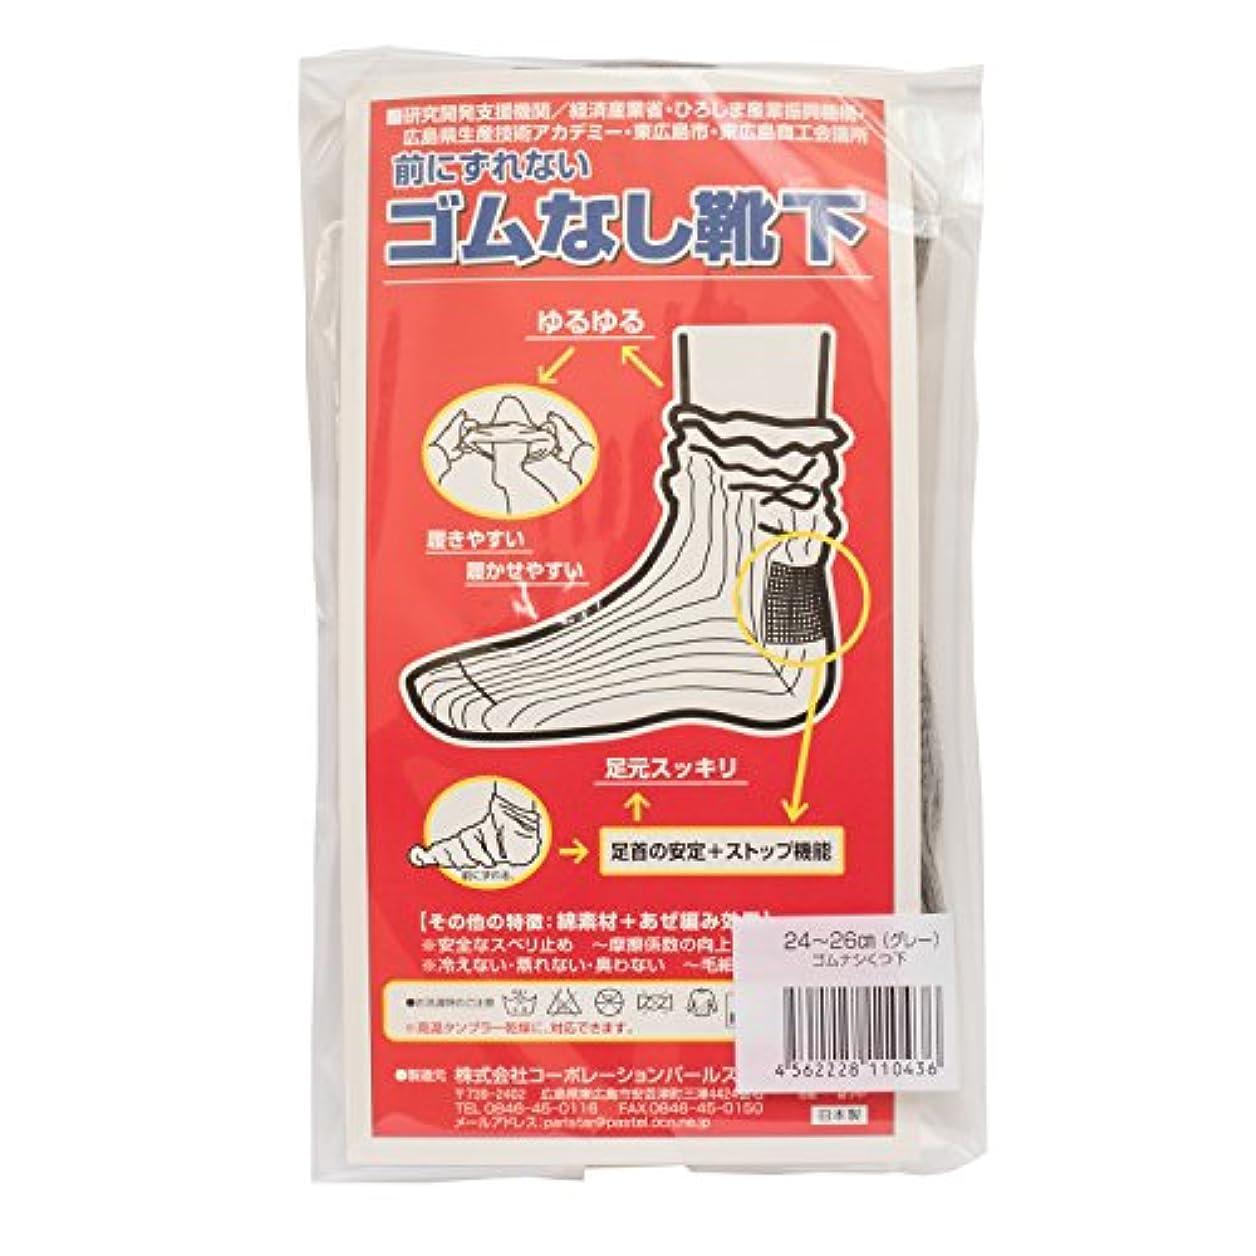 確認アパート致命的なコーポレーションパールスター 前にずれない ゴムなし靴下 グレー 24~26cm